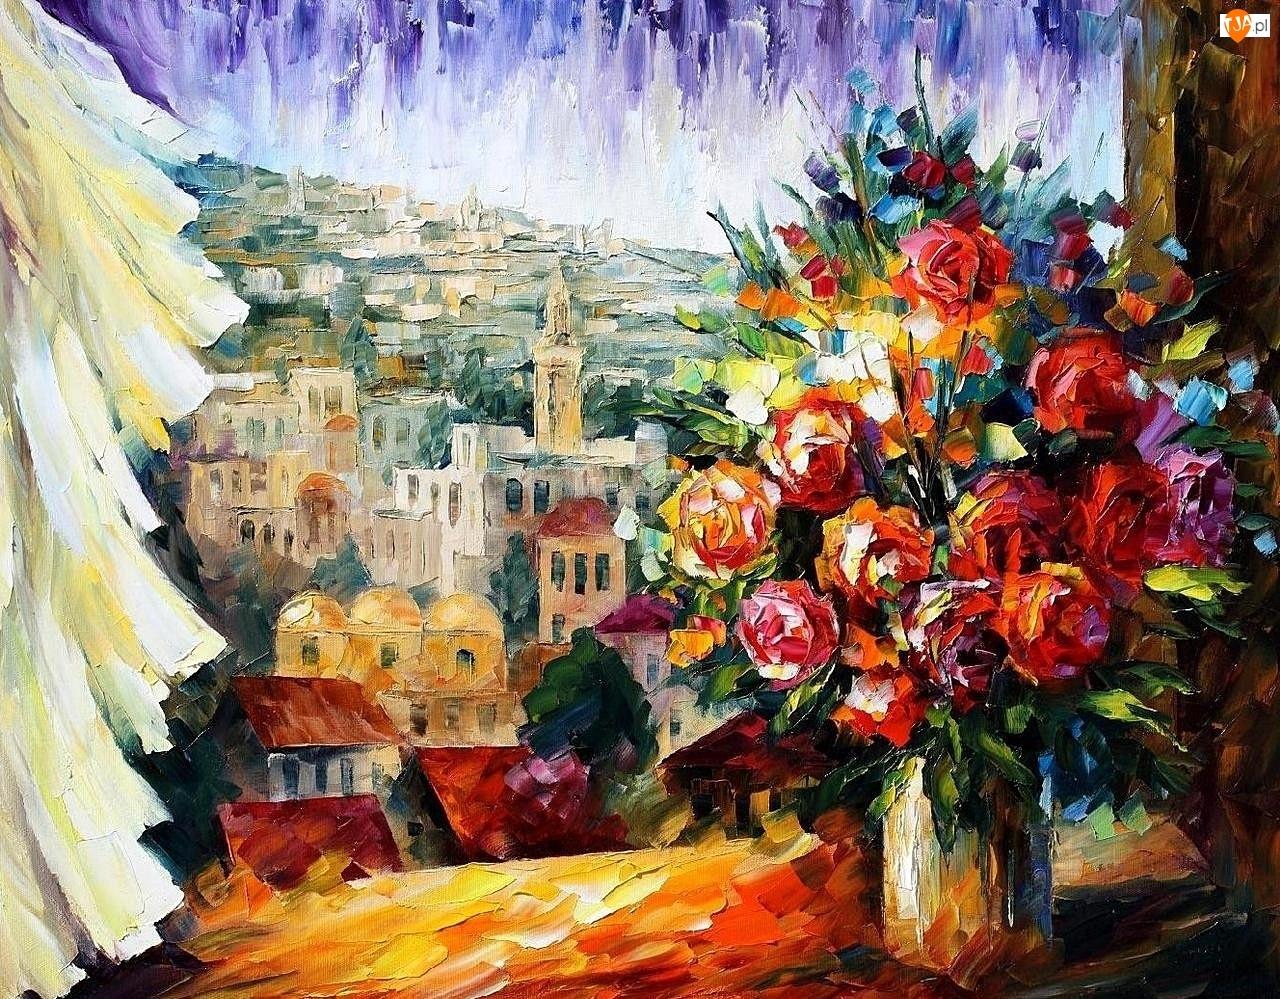 Obraz, Leonid Afremov, Bukiet Kwiatów w Oknie